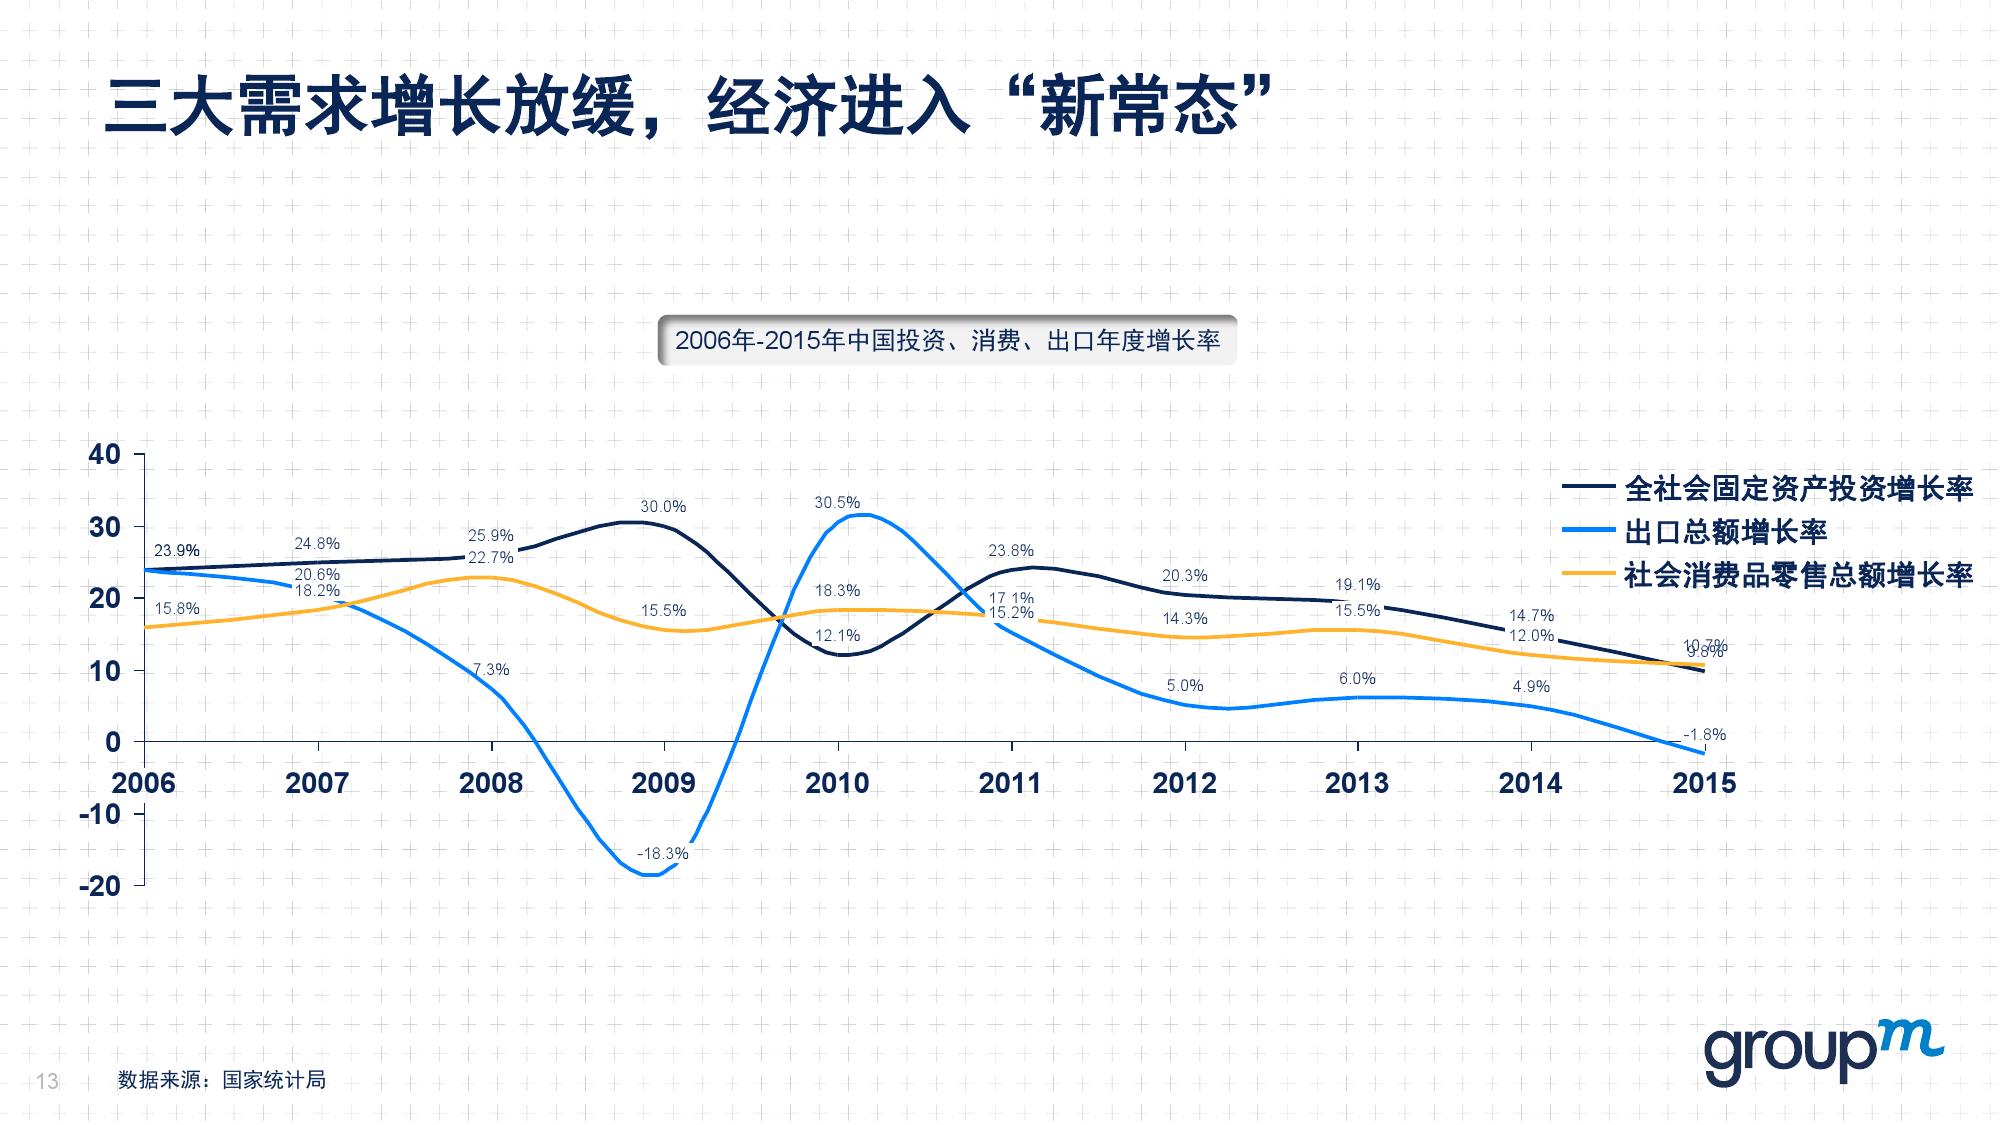 赢在中国2016:从需求刺激转向供给侧改革_000013